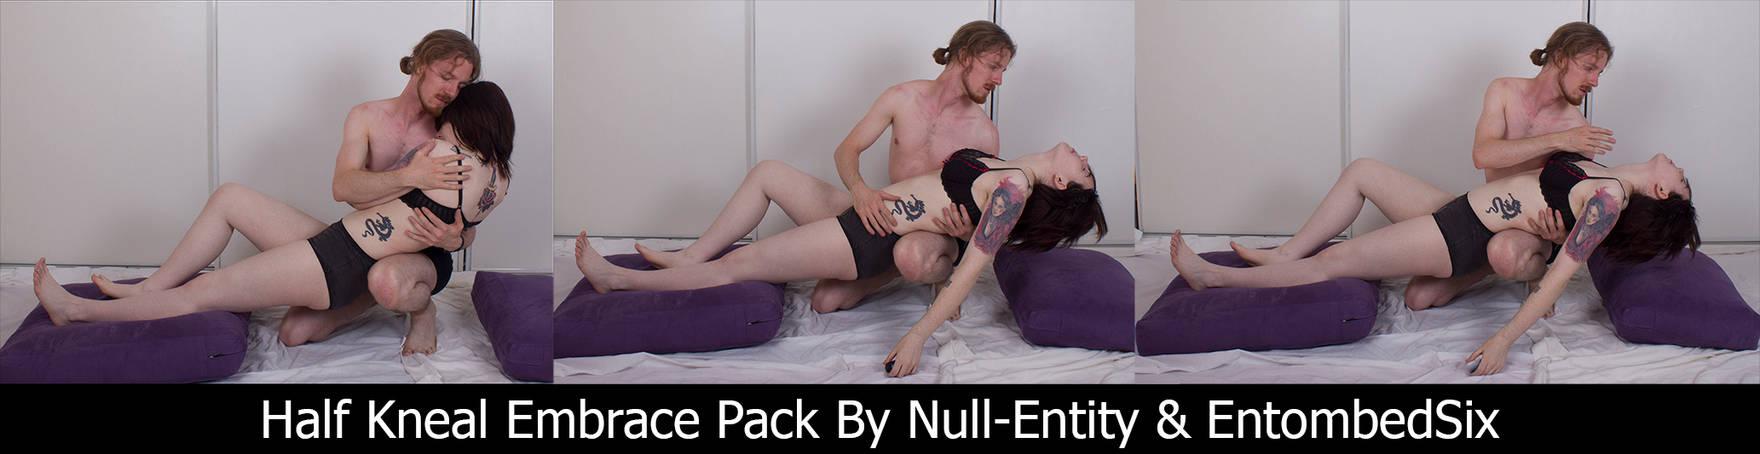 Half Kneel Embrace Pack